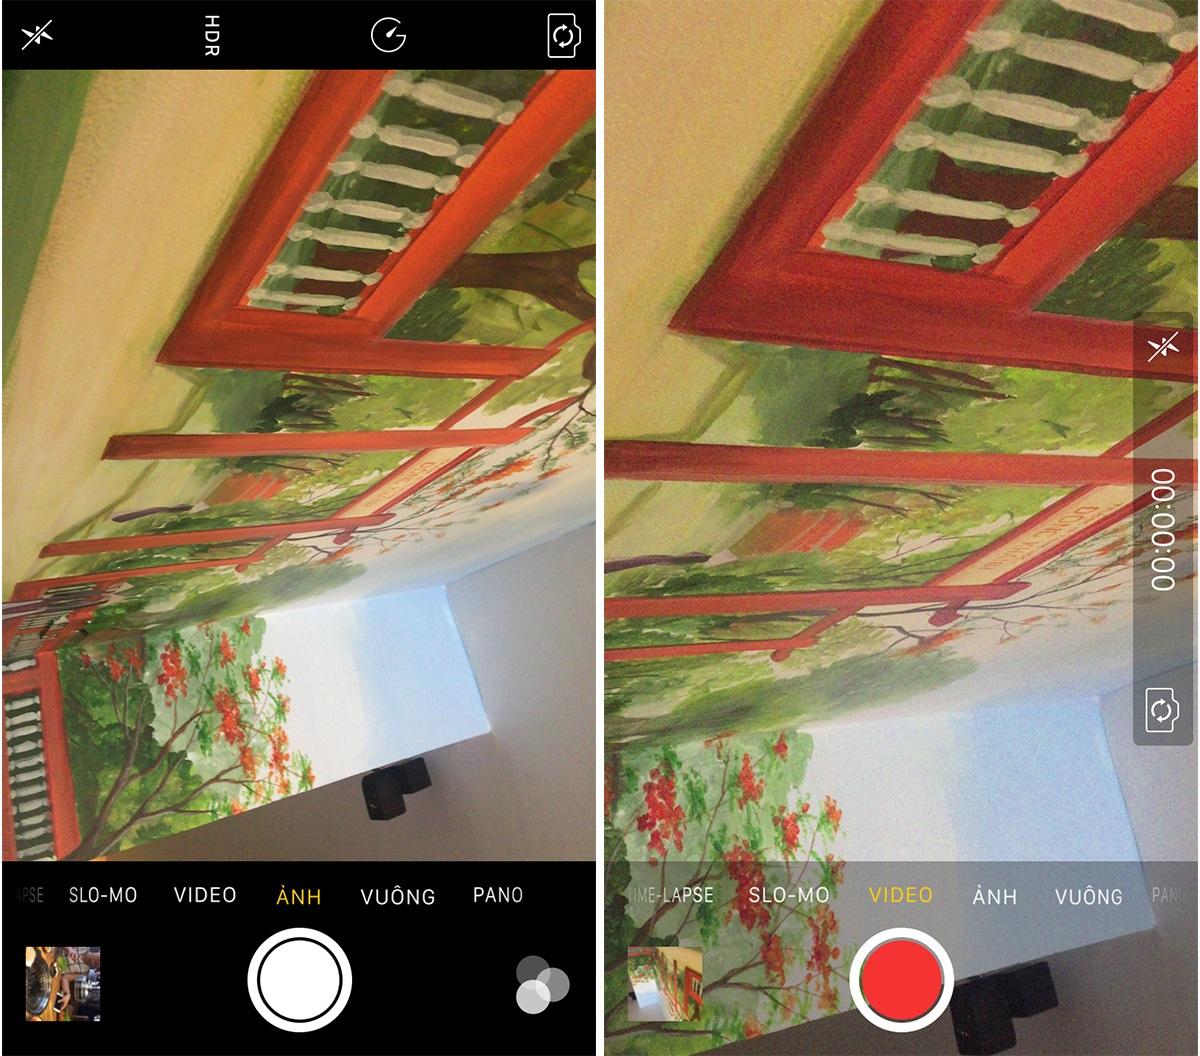 Các cách tạo ảnh tỷ lệ 16:9 trên iPhone - 1